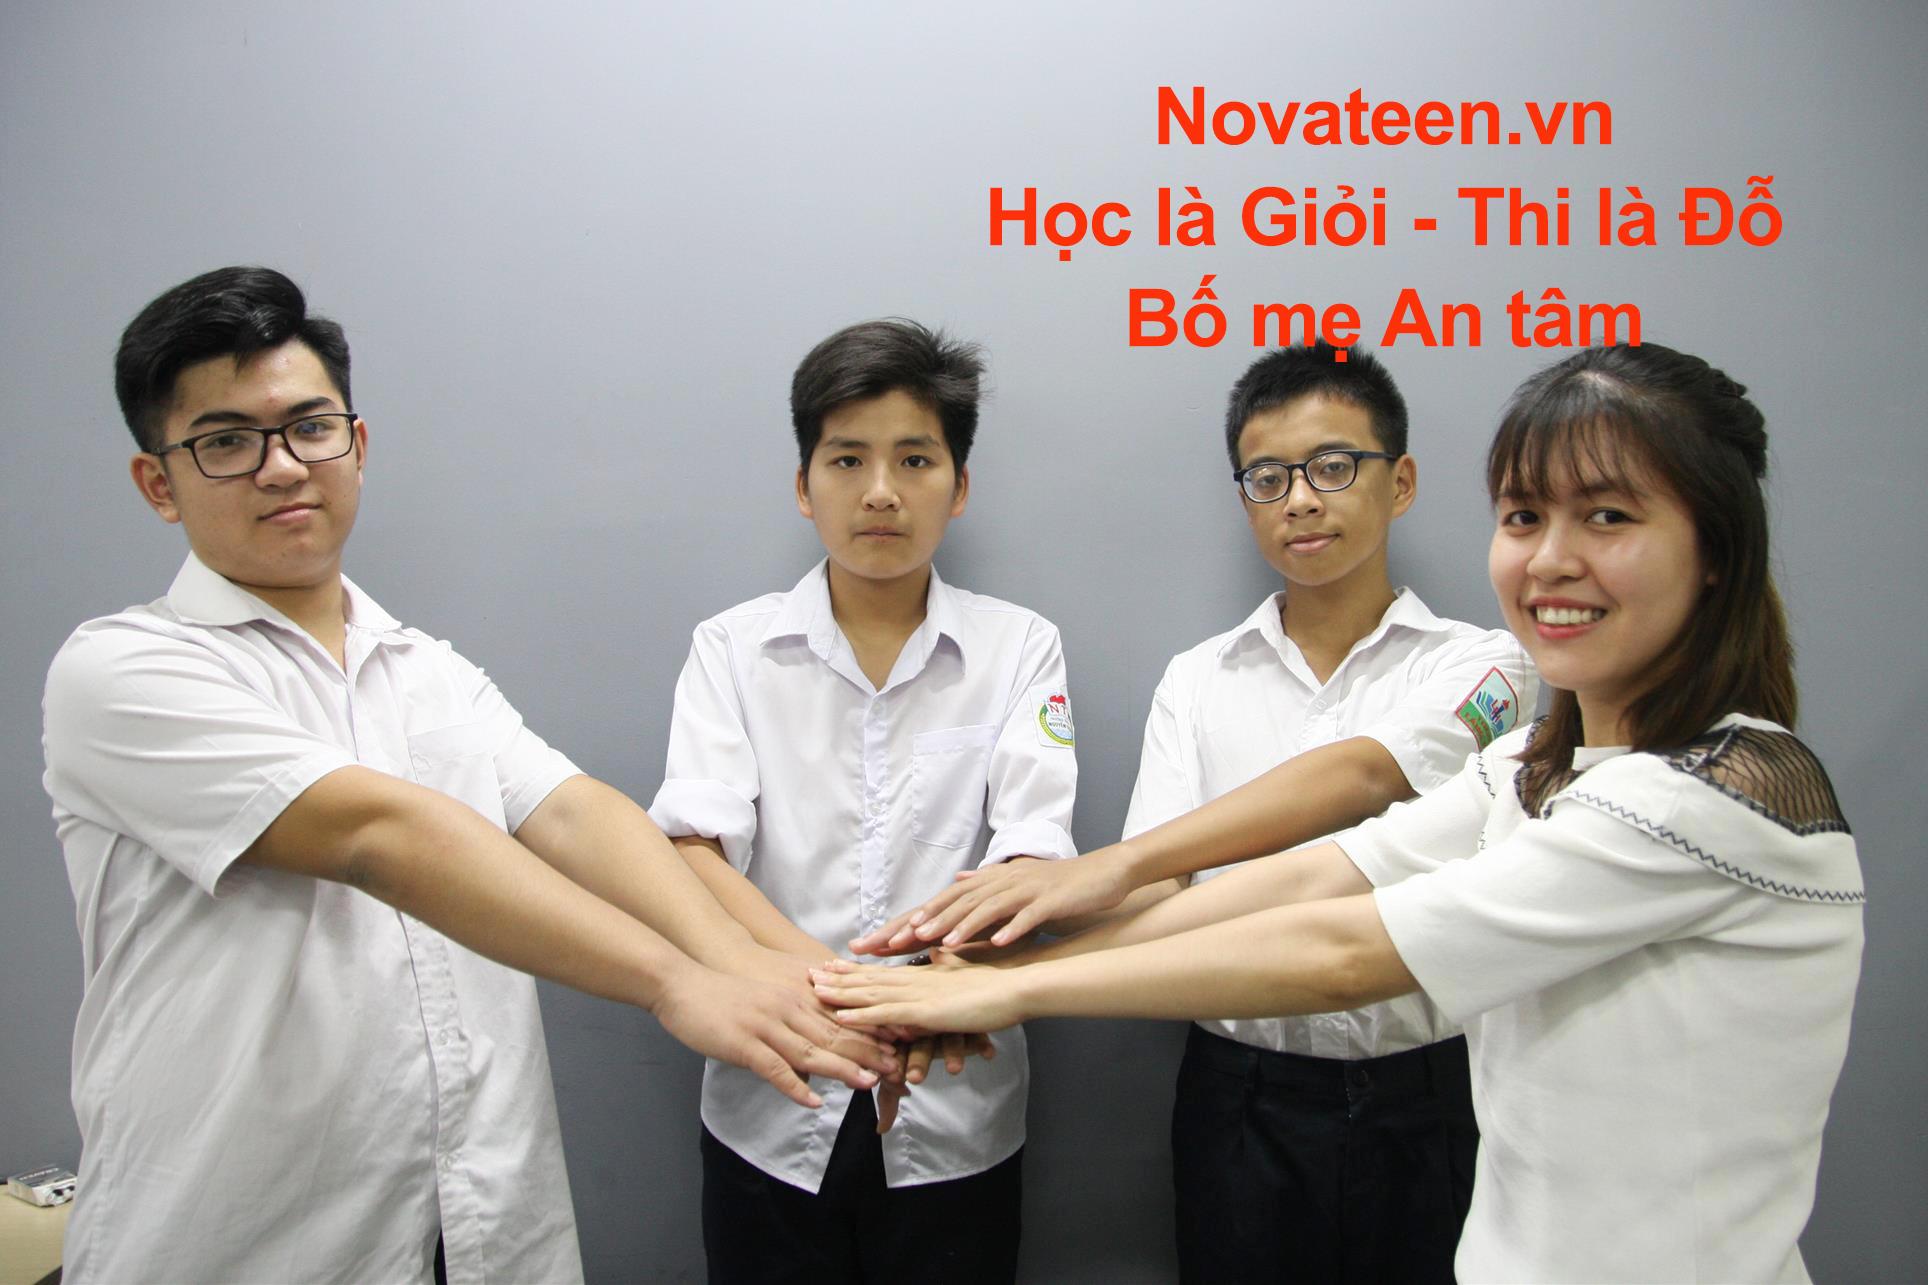 Đến Novateen sẽ Học giỏi thi Tài